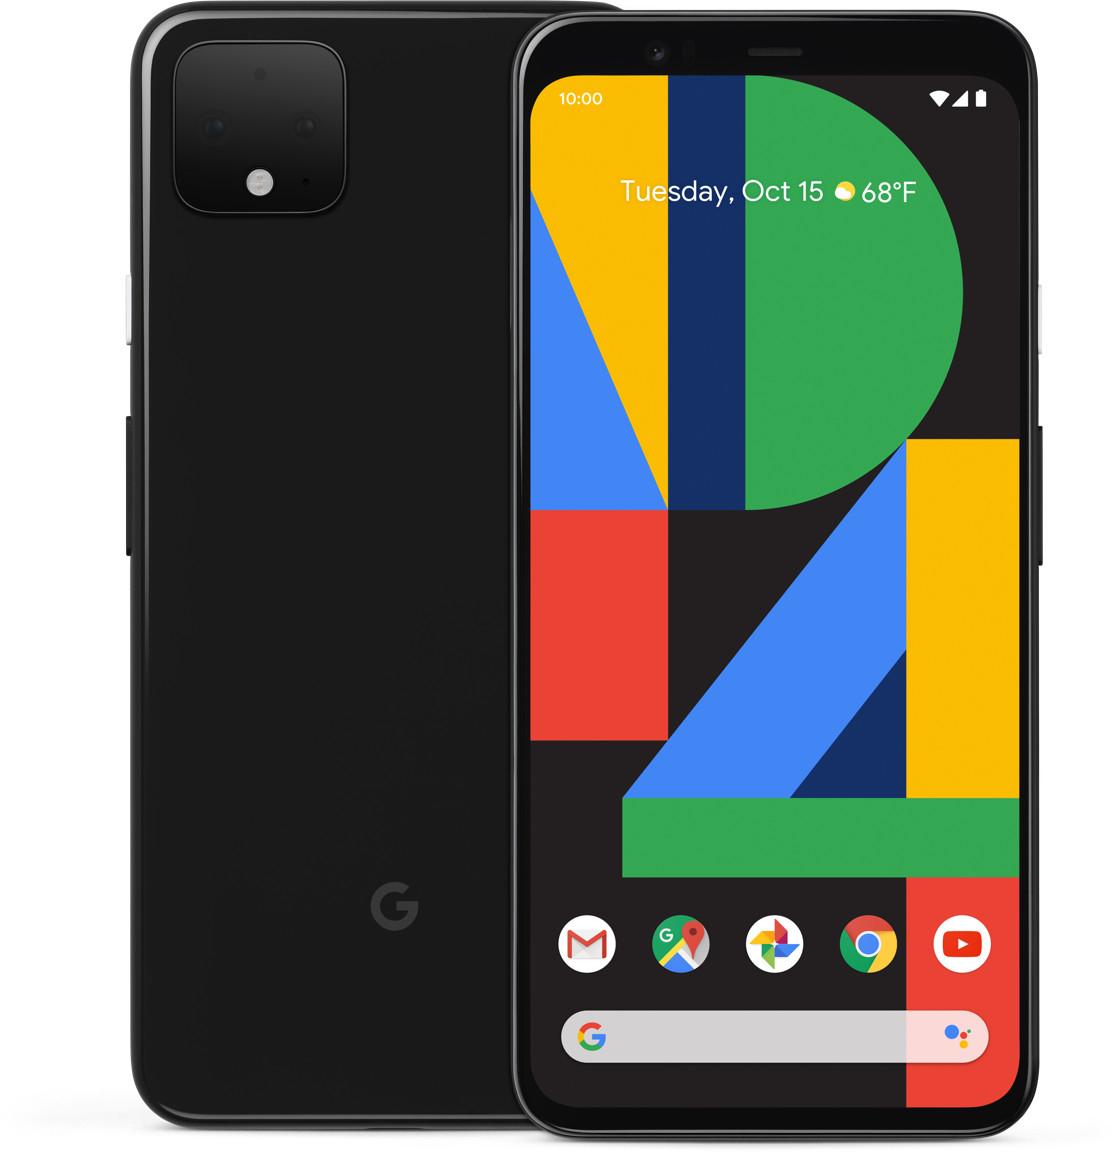 [MM & Saturn | offline zur Abholung] Google Pixel 4 - 64GB Smartphone für 447,43€ | Google Pixel 3a in weiß o. schwarz für 271,97€